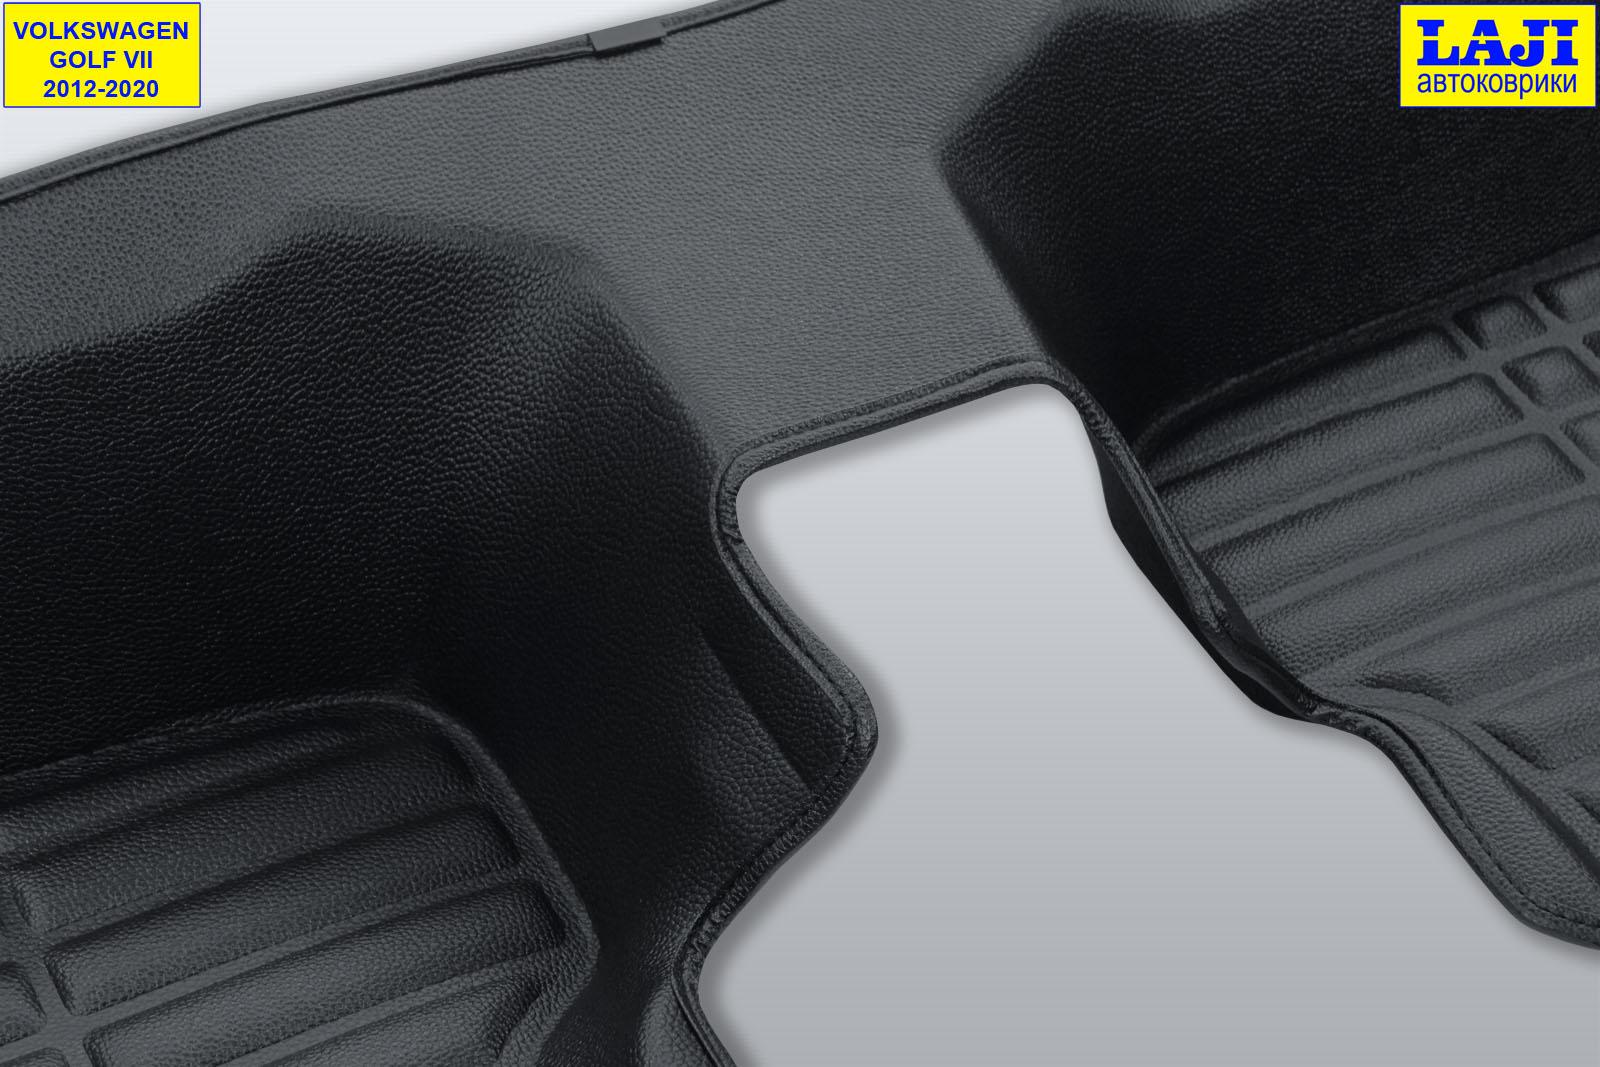 5D коврики в салон Volkswagen Golf 7 2012-2020 11